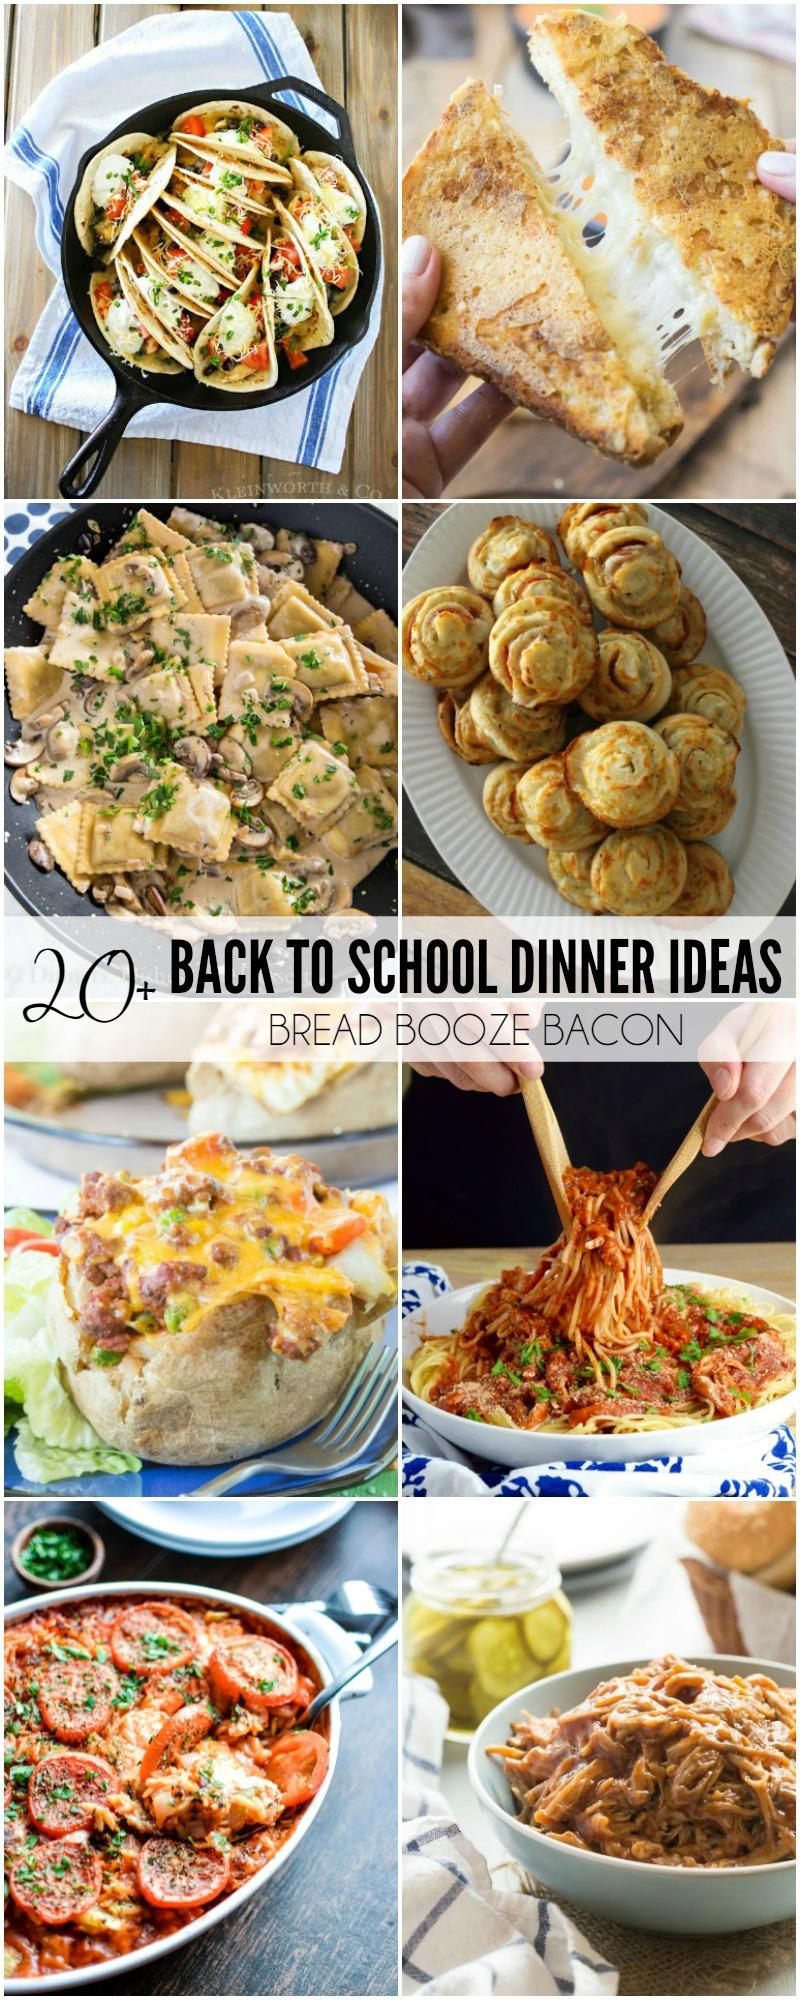 20 back to school dinner ideas bread booze bacon